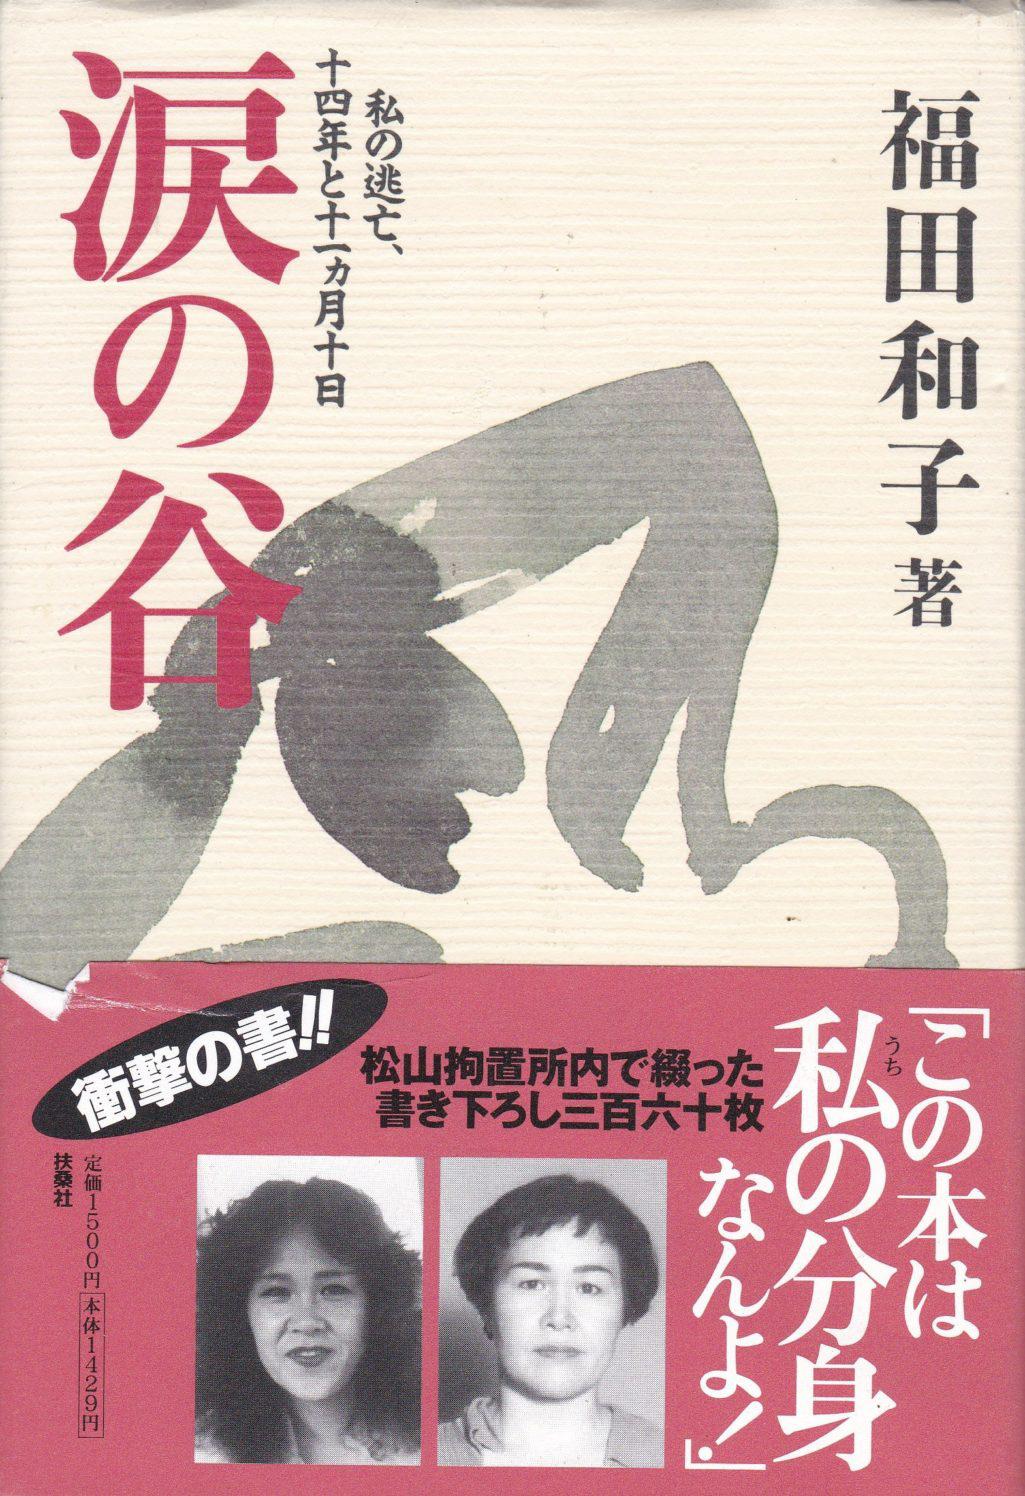 Kỳ án Nhật Bản: Nữ sát nhân xảo quyệt dùng 7 khuôn mặt để trốn chạy cảnh sát, bị bắt vì những sơ suất nhỏ sau gần 15 năm - Ảnh 5.